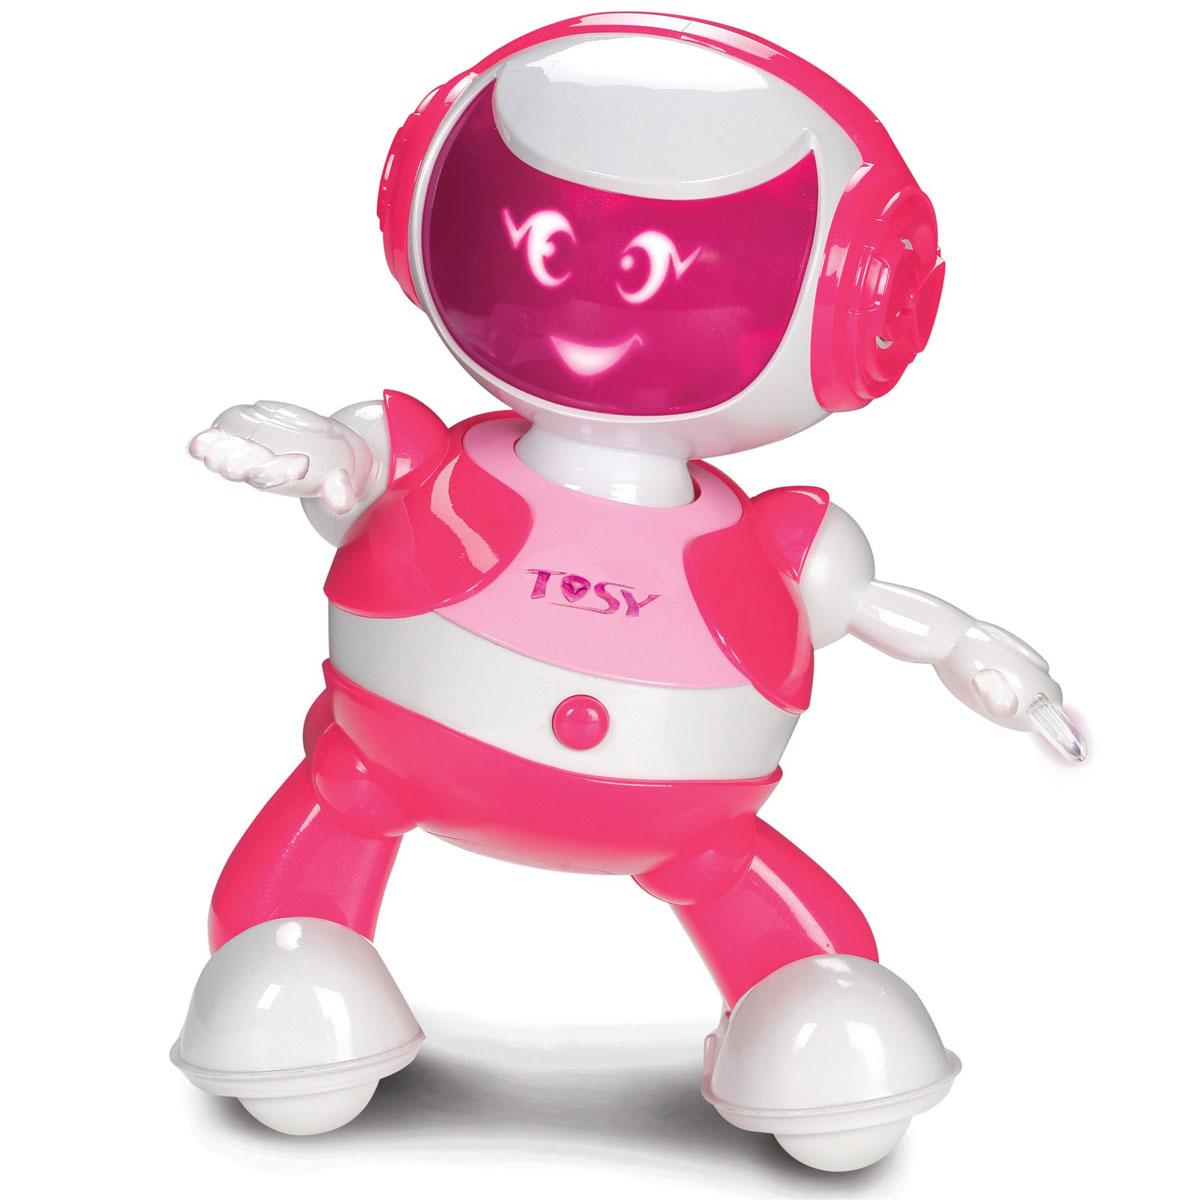 discorobo le robot danseur high tech achat cadeau musical girly sur rapid cadeau. Black Bedroom Furniture Sets. Home Design Ideas